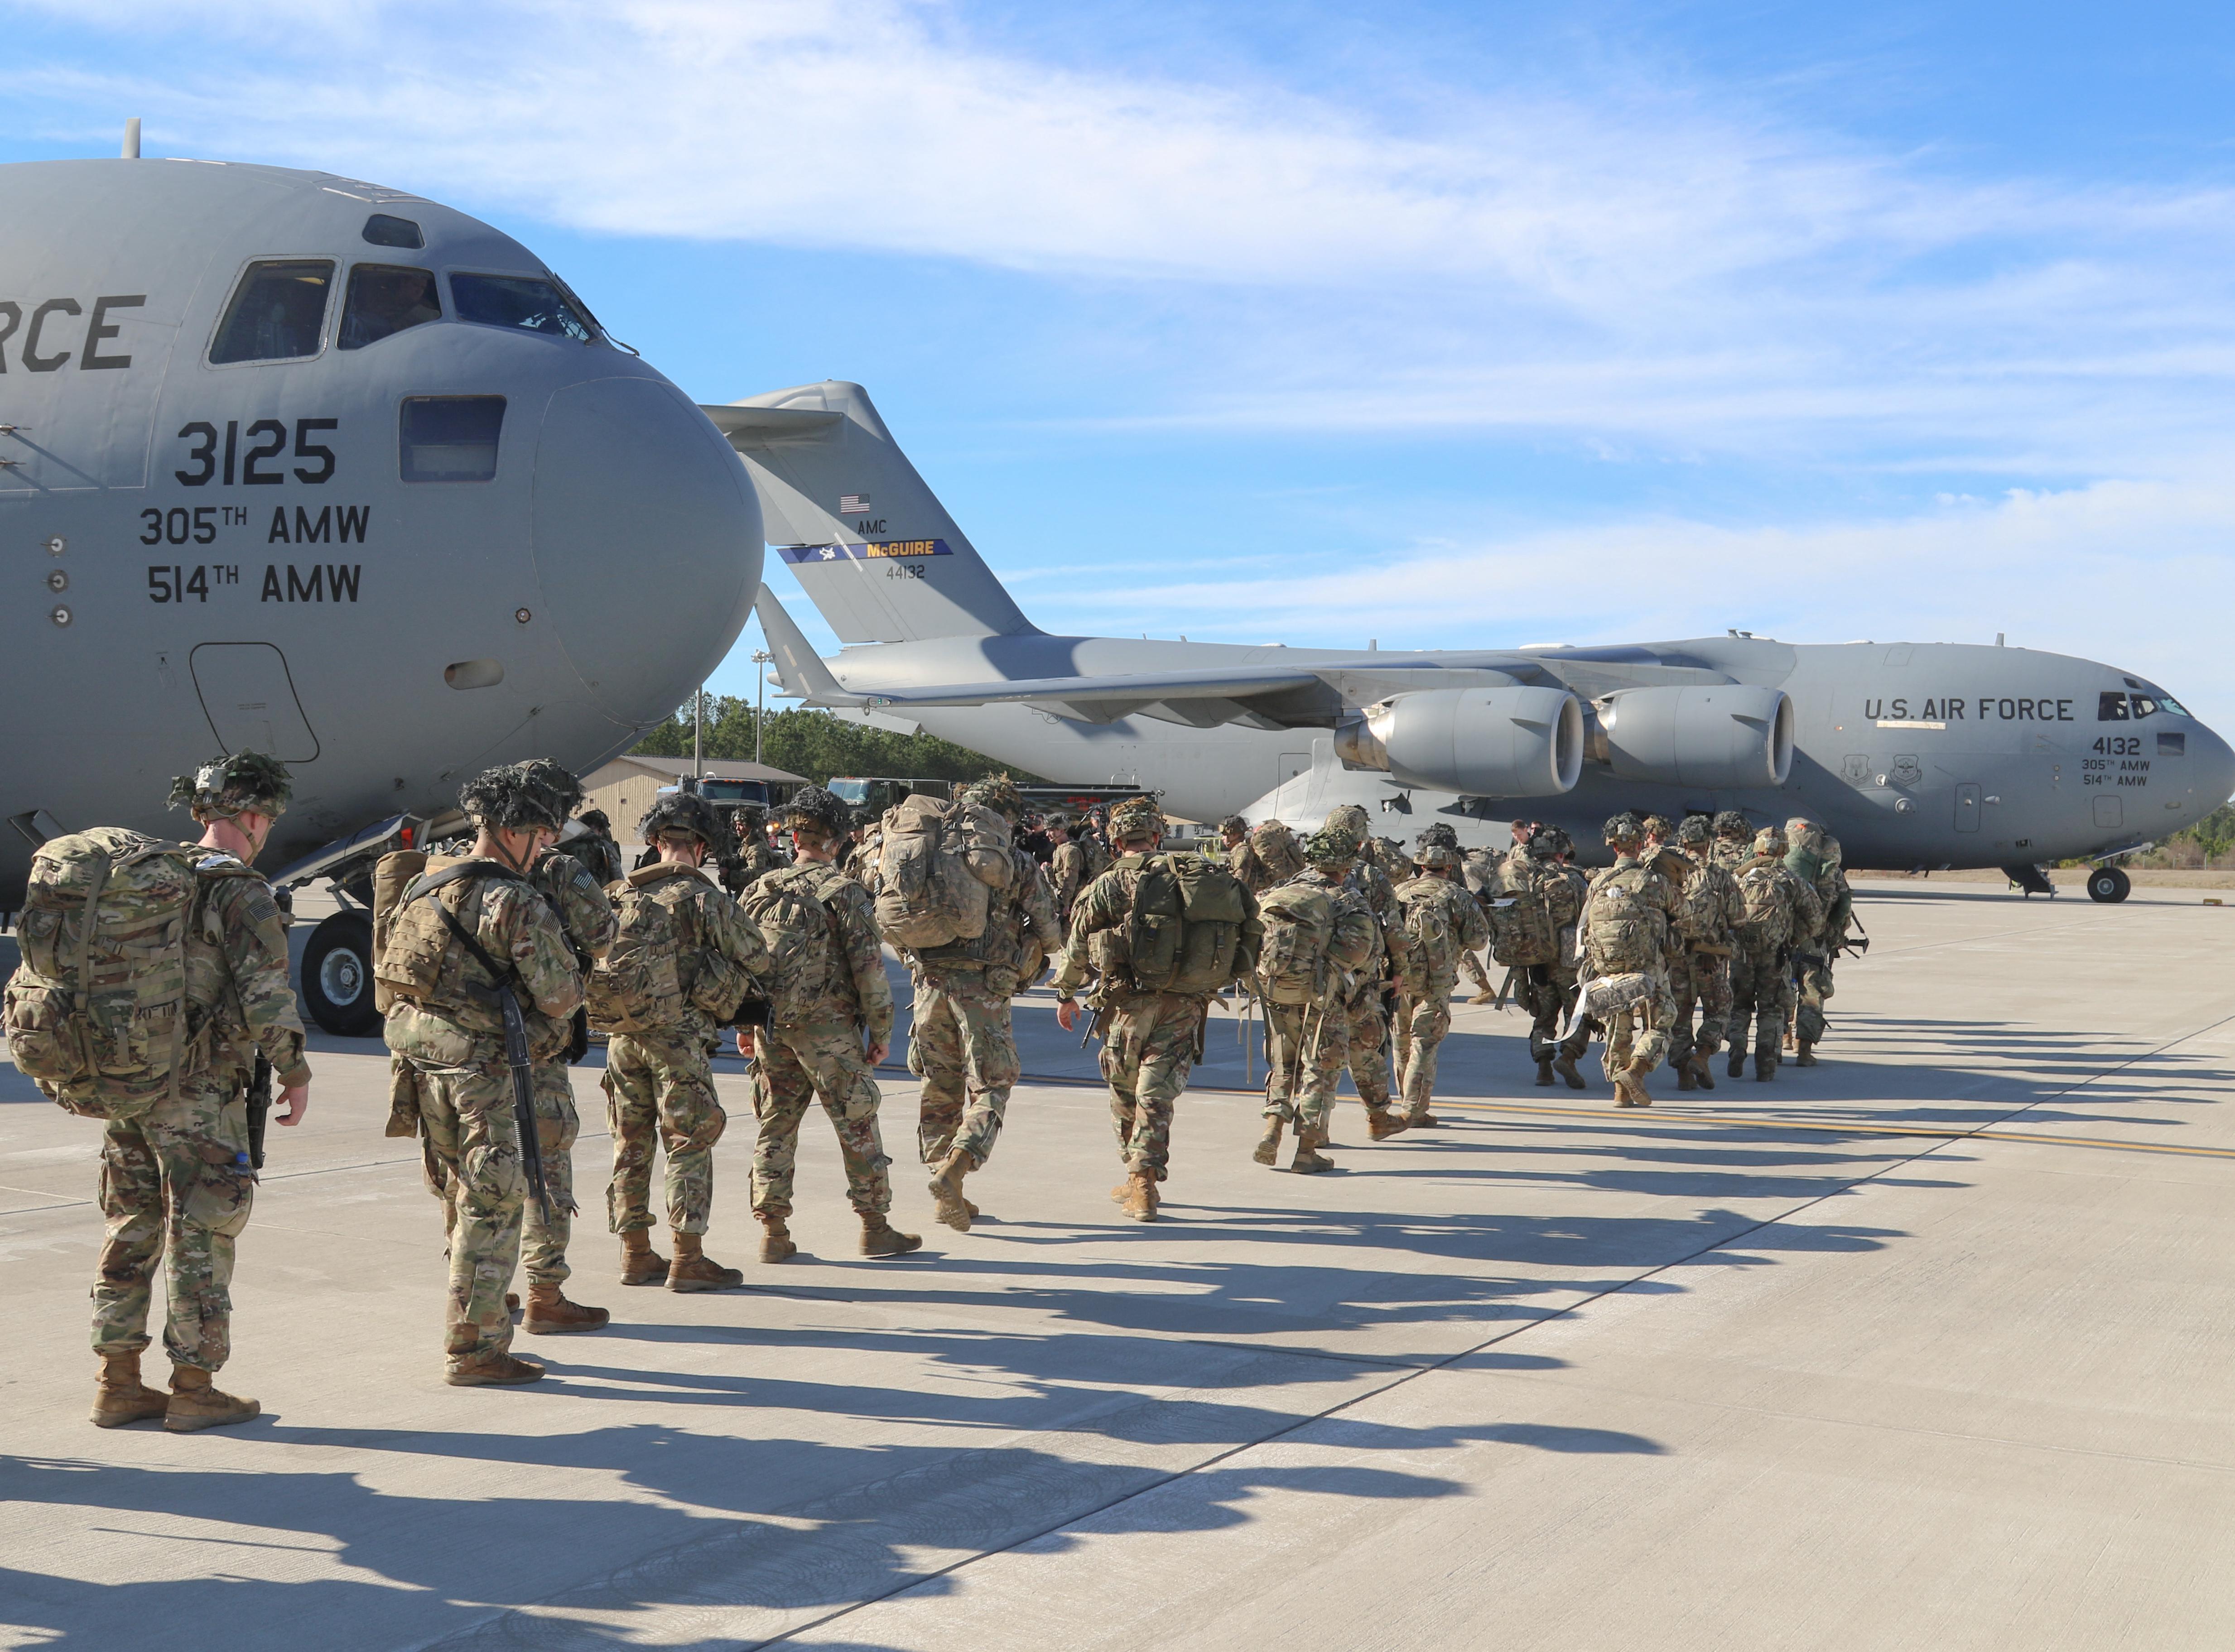 Tizenöt amerikai katona sérült meg ejtőernyős ugrás közben Pápa környékén